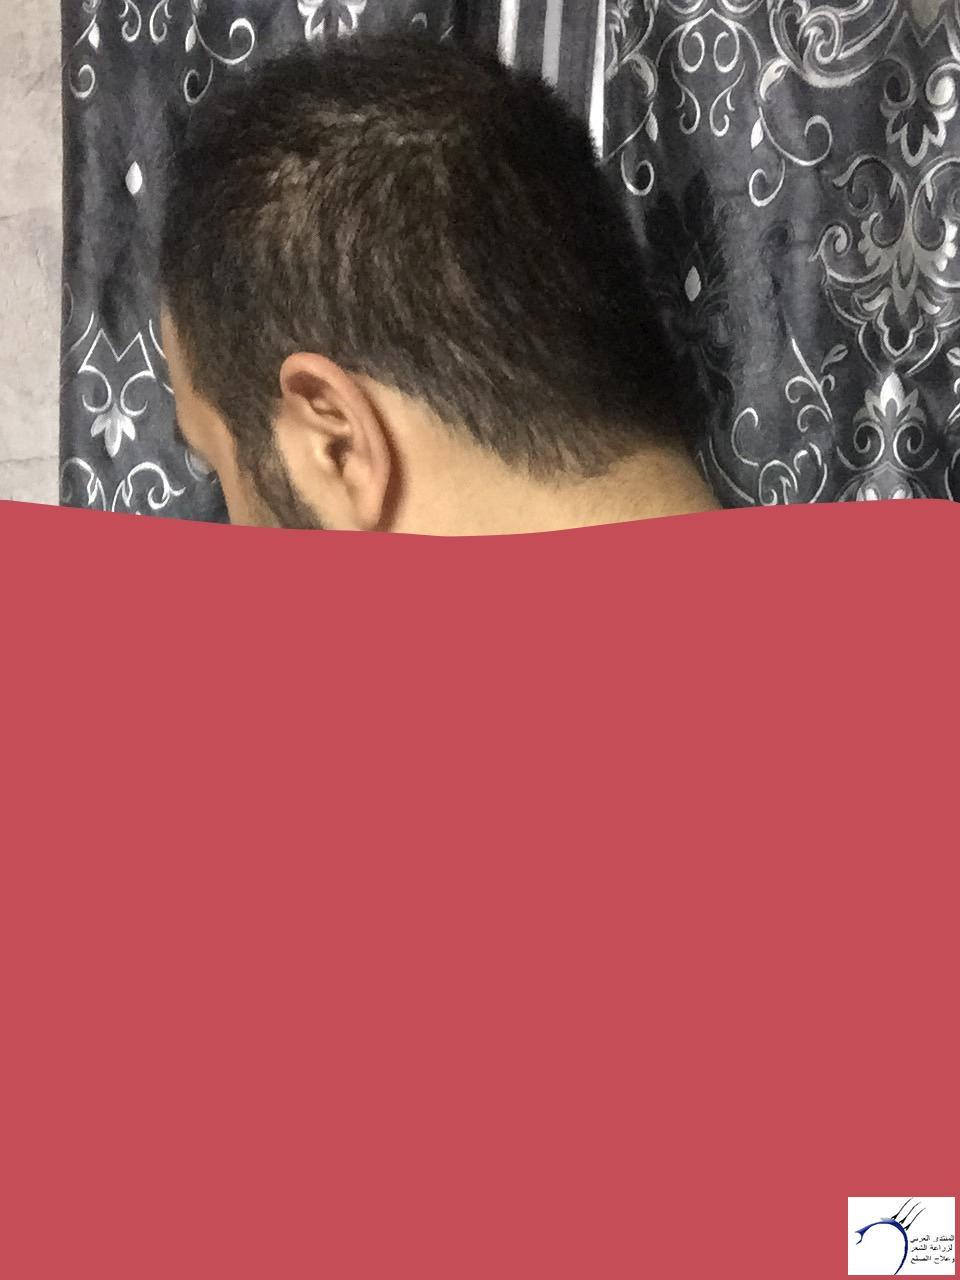 تجربتي رويال تحديث الشهر الرابع www.hairarab.com3558